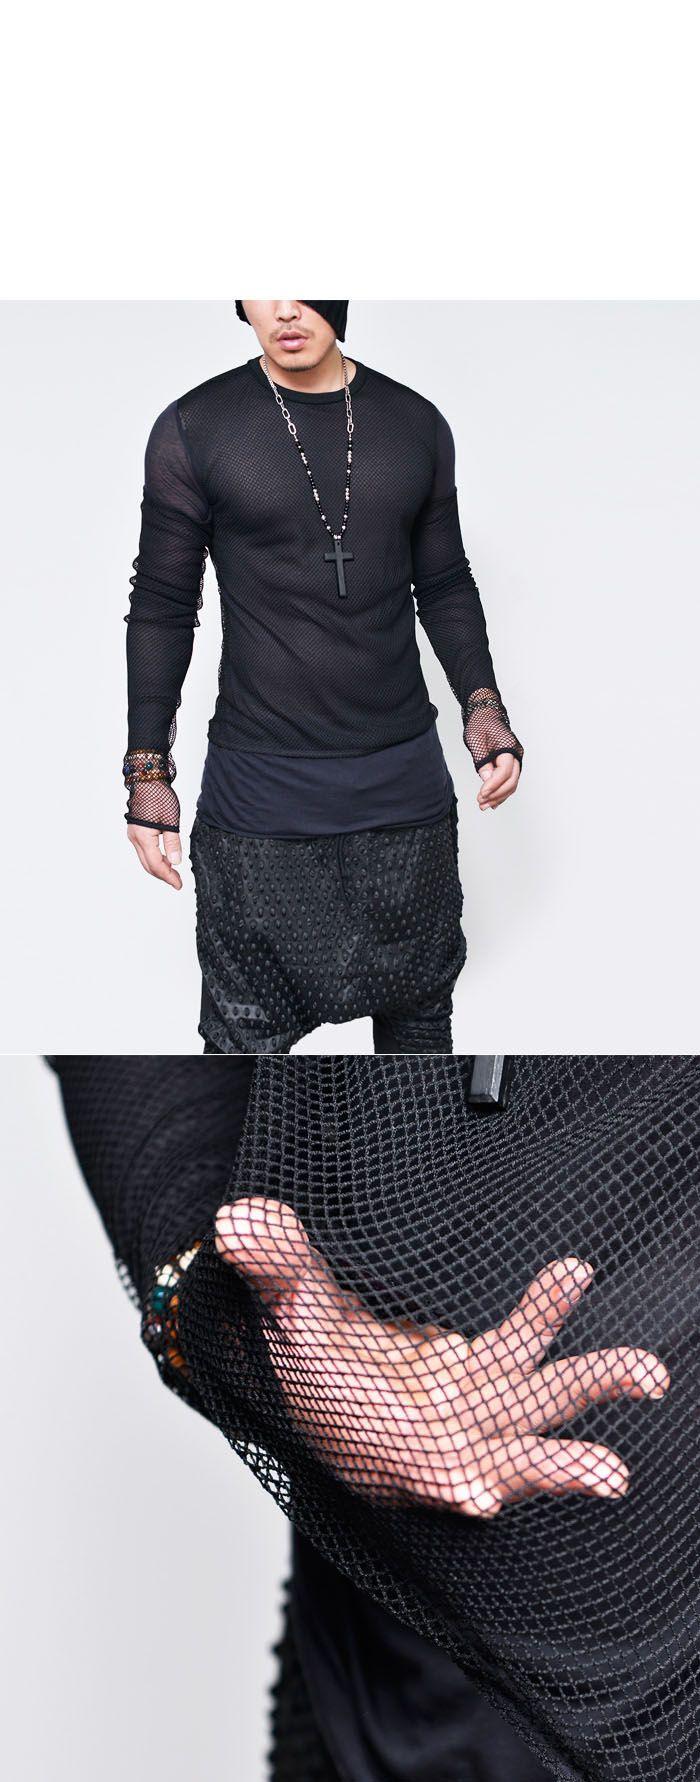 Tops :: Tees :: Zie-through Mesh Gelaagde Round-Tee 693 - Mens Fashion kleding voor een aantrekkelijke man Look